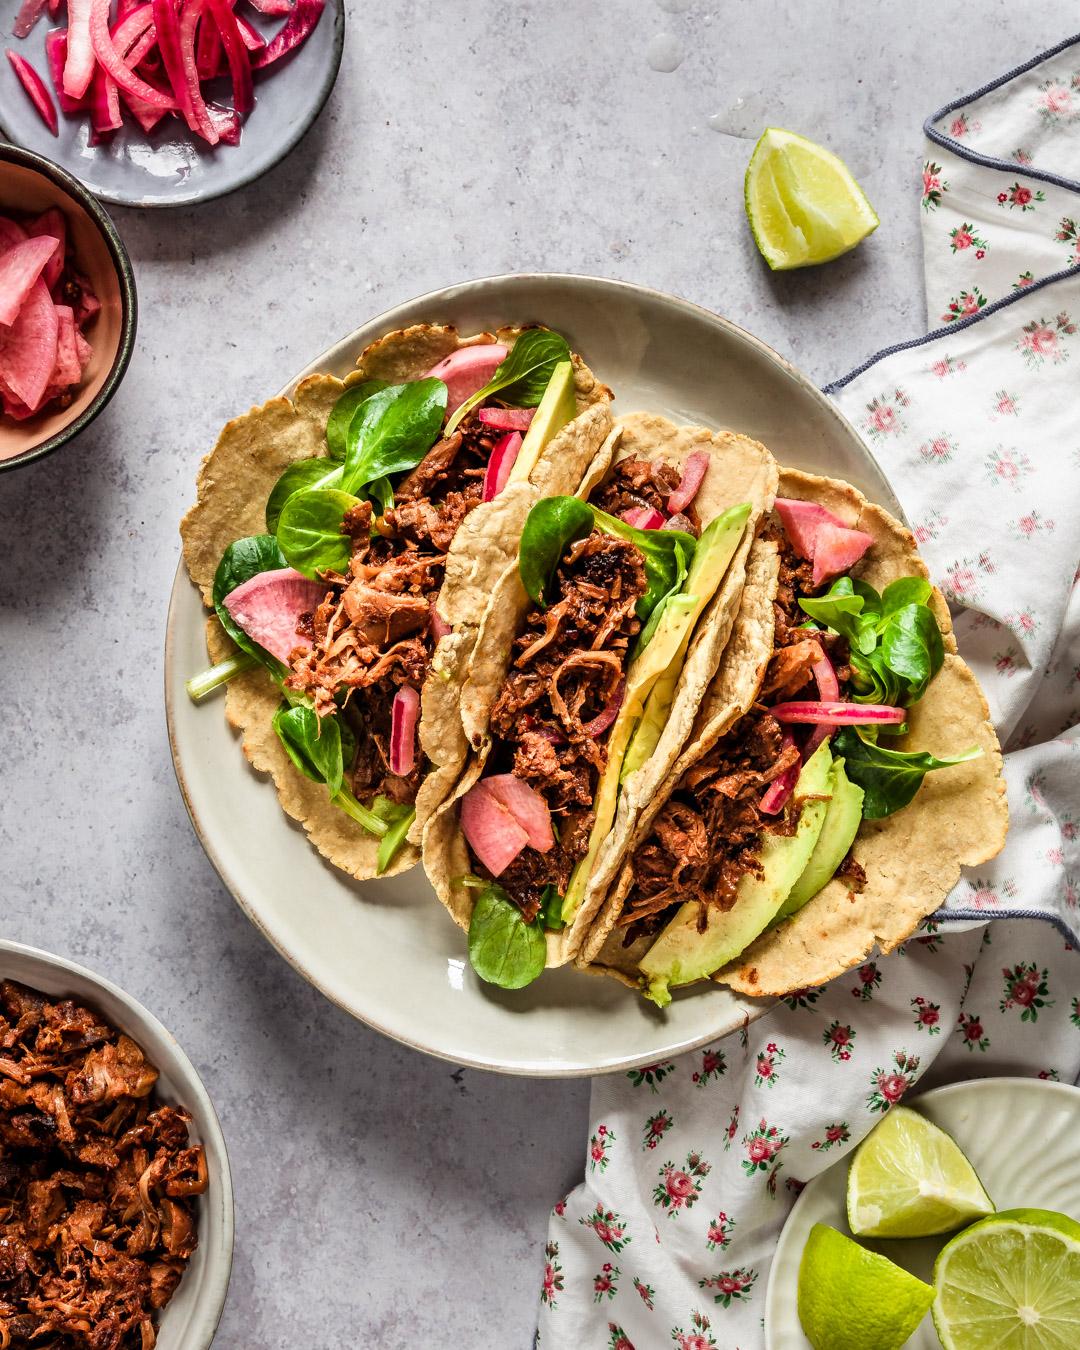 Tacos vegan jacquier